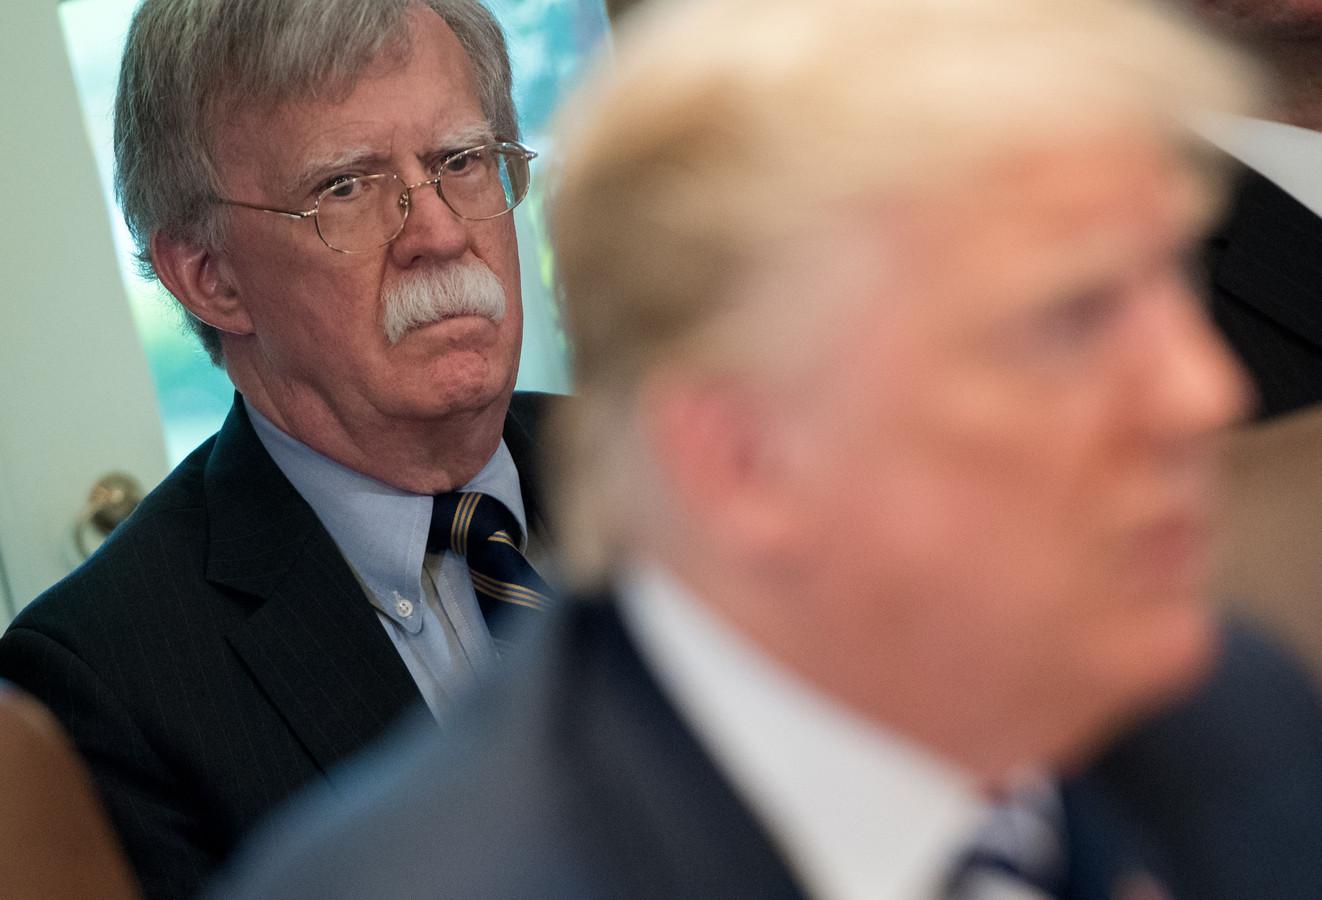 John Bolton (à gauche) à la Maison Blanche avec Donald Trump, le 9 mai 2018.